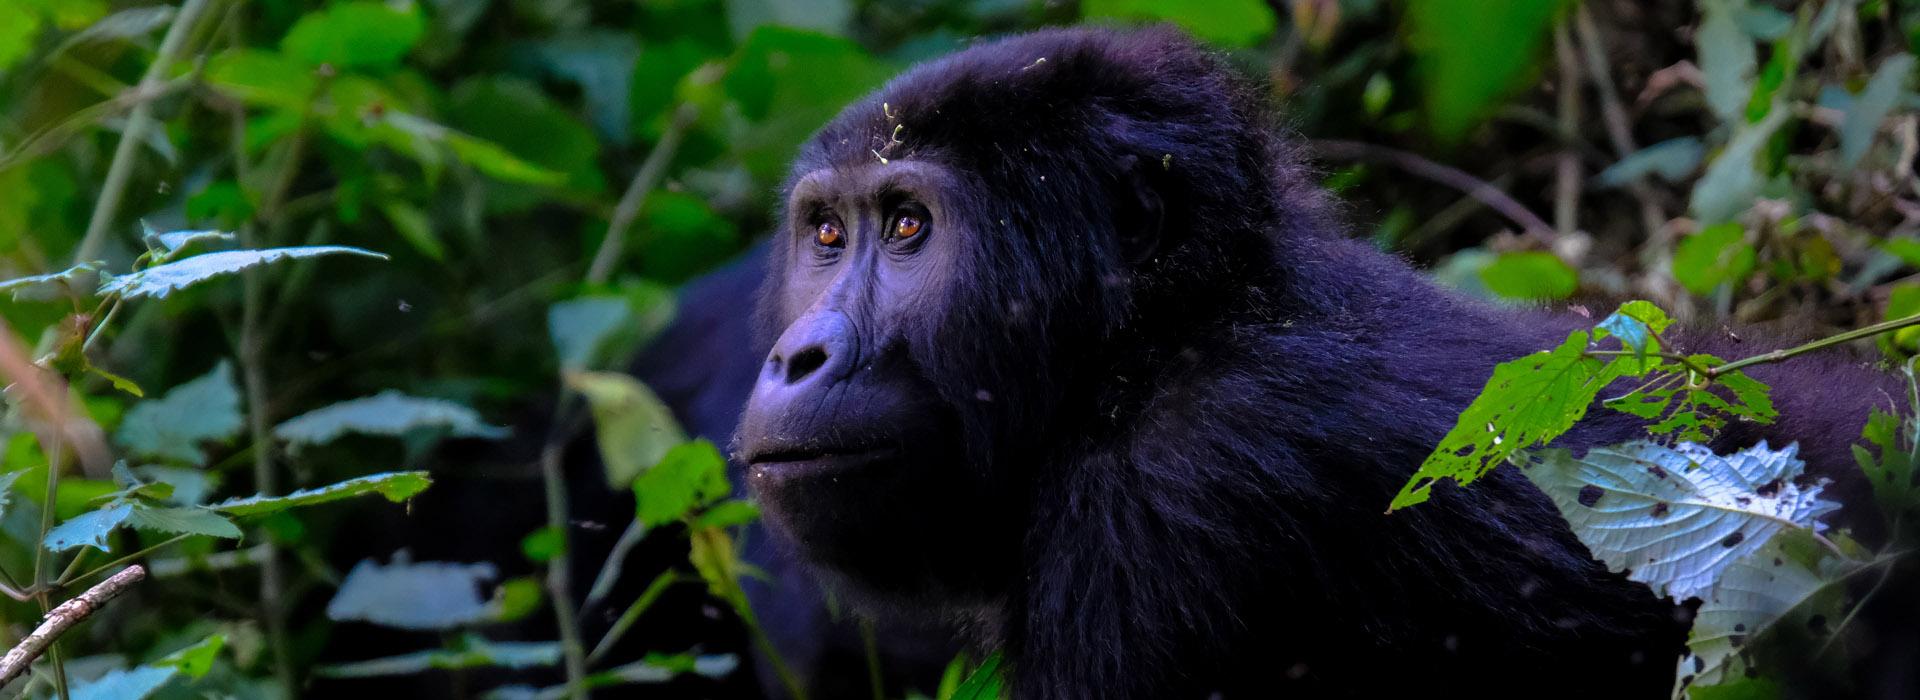 5 DAYS UGANDA DOUBLE GORILLA TREKKING - African Adventure Specialists